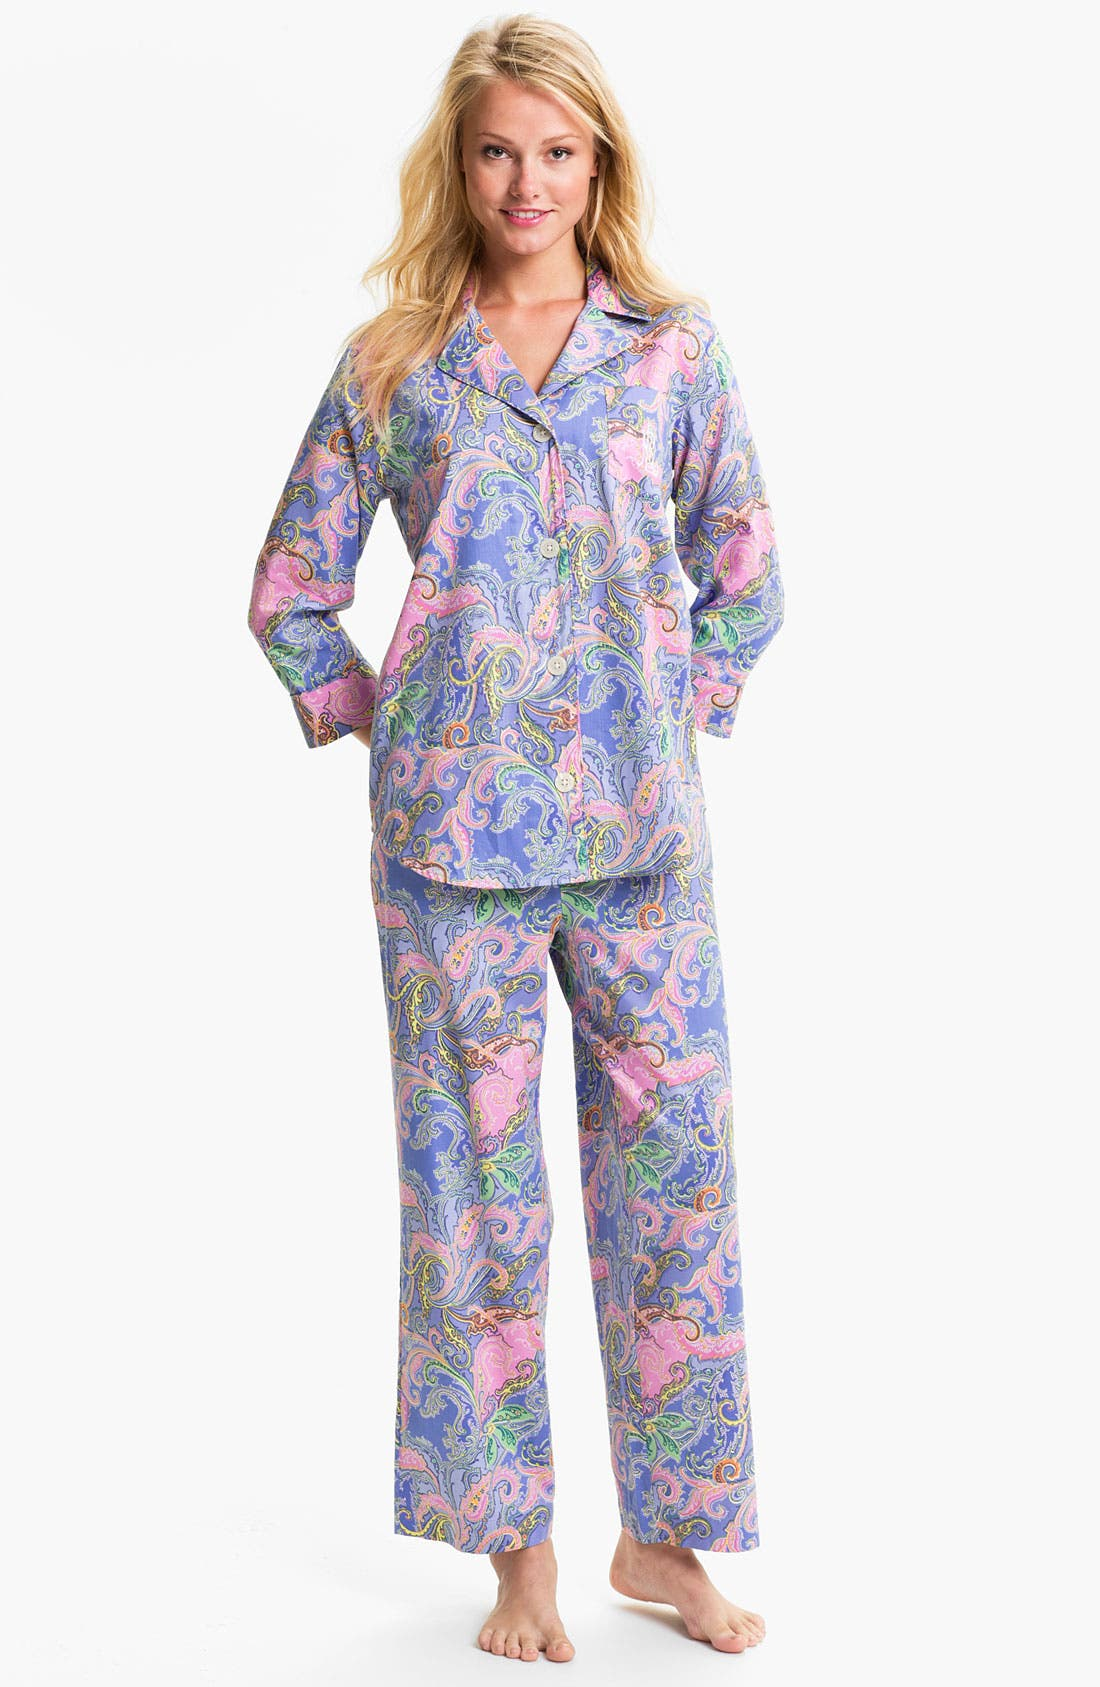 Alternate Image 1 Selected - Lauren Ralph Lauren Sleepwear Paisley Sateen Pajamas